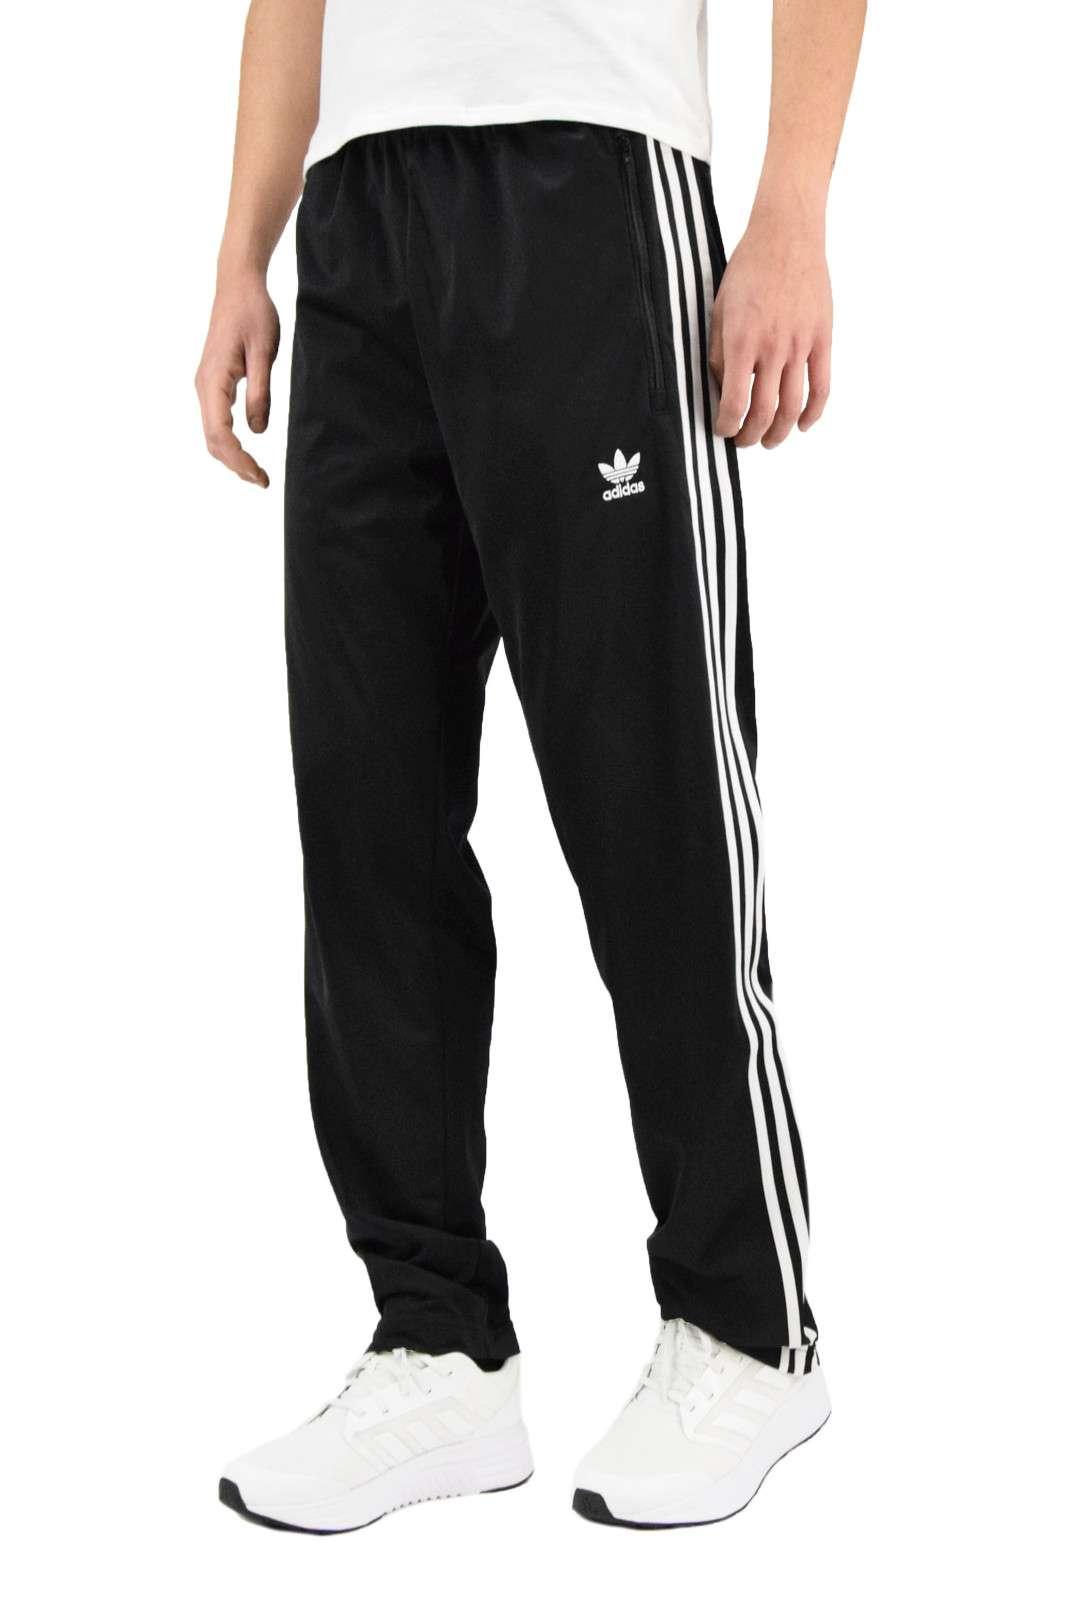 Un pantalone iconico e comodo, perfetto per l'uomo che ama i capi che puntano tutto su uno stile sportivo e alla moda. I TRACK PANTS ADICOLOR si imporranno per il loro look semplice e innovativo, rendendo impeccabili i tuoi outfit giornalieri.